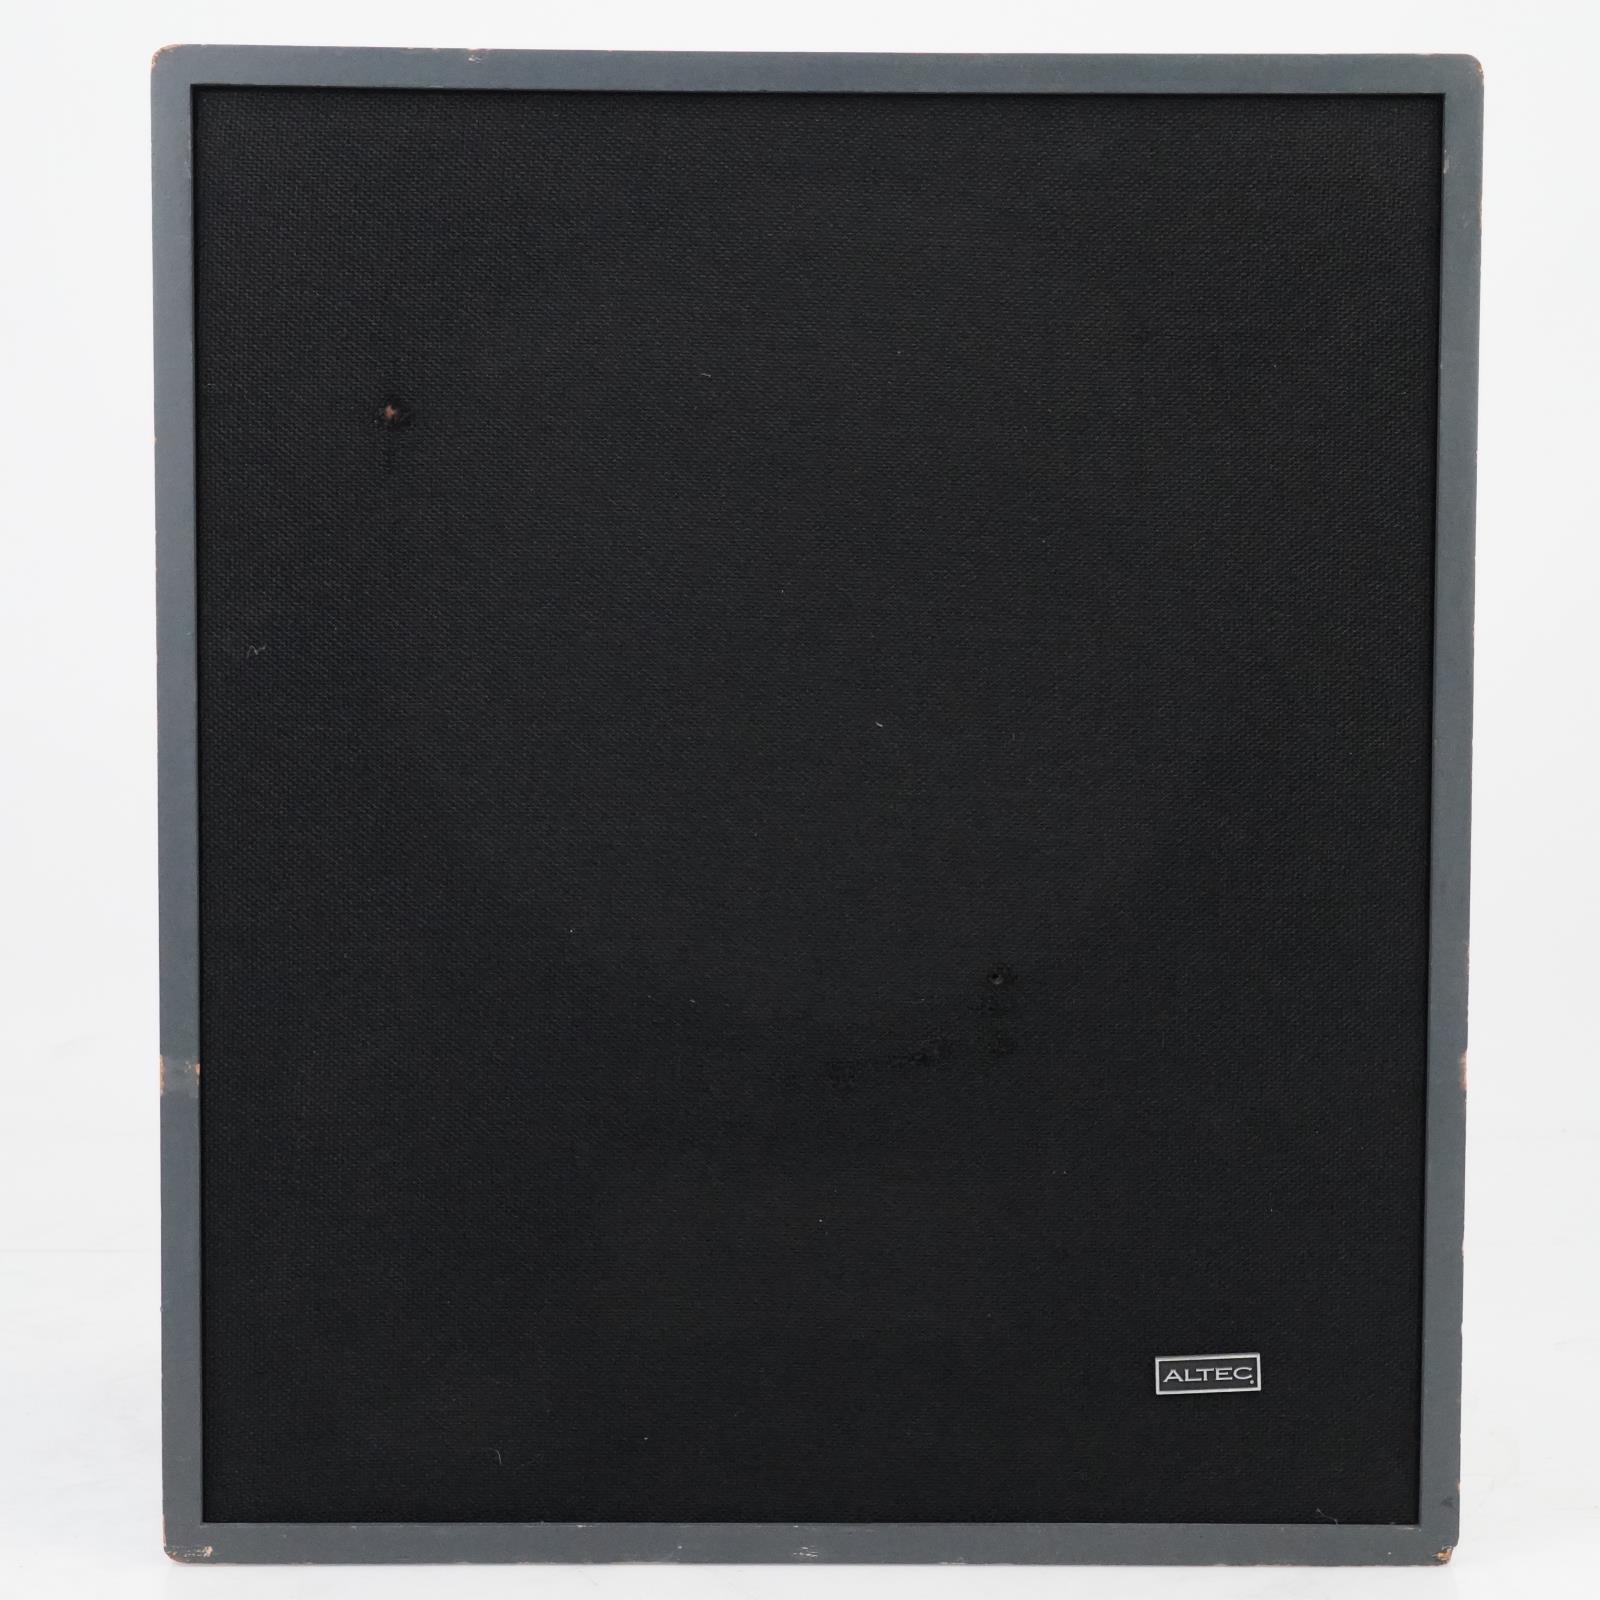 Altec Lansing 612C Model 604-8G Studio Monitor Speaker Early Version #38929